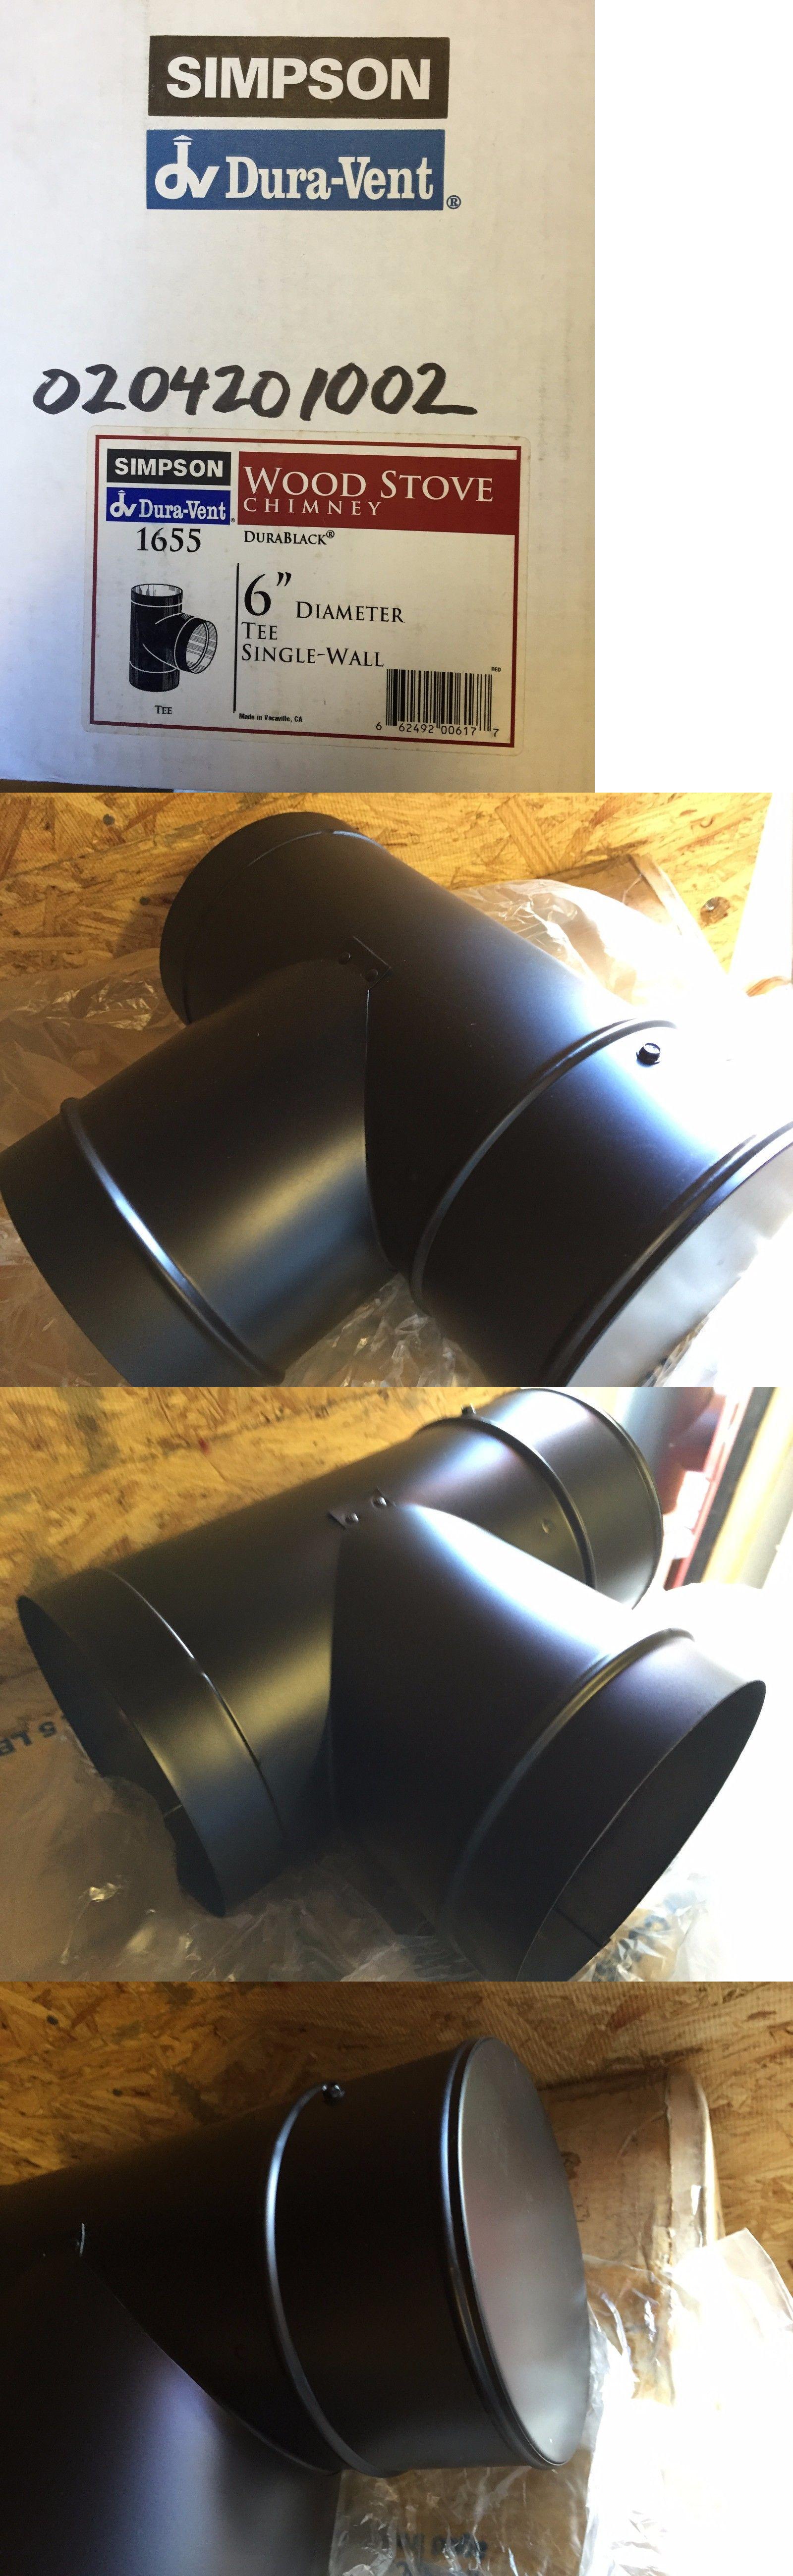 Heating Stoves 84184: Simpson Wood Stove Black Single Wall 6 Tee ...